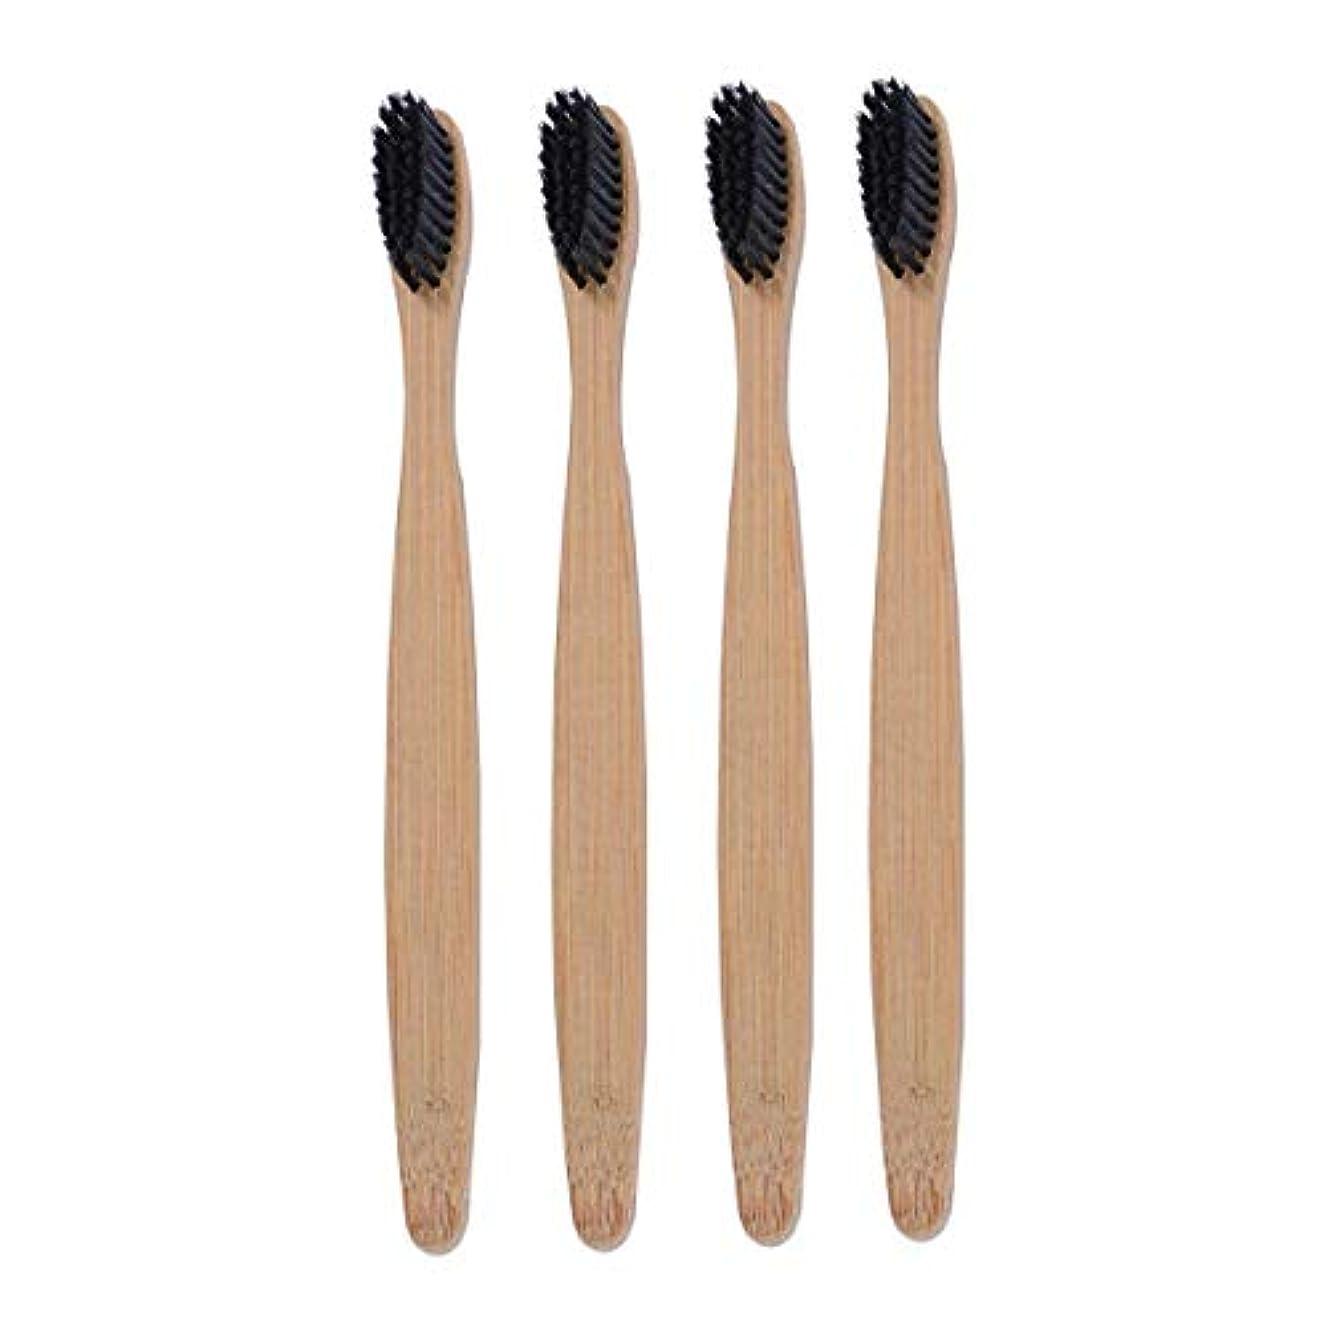 雑多な年金受給者許可するHealifty 竹炭の歯ブラシ 竹の歯ブラシ 分解性 環境保護の歯ブラシ 天然の柔らかいブラシ 4本入(黑)